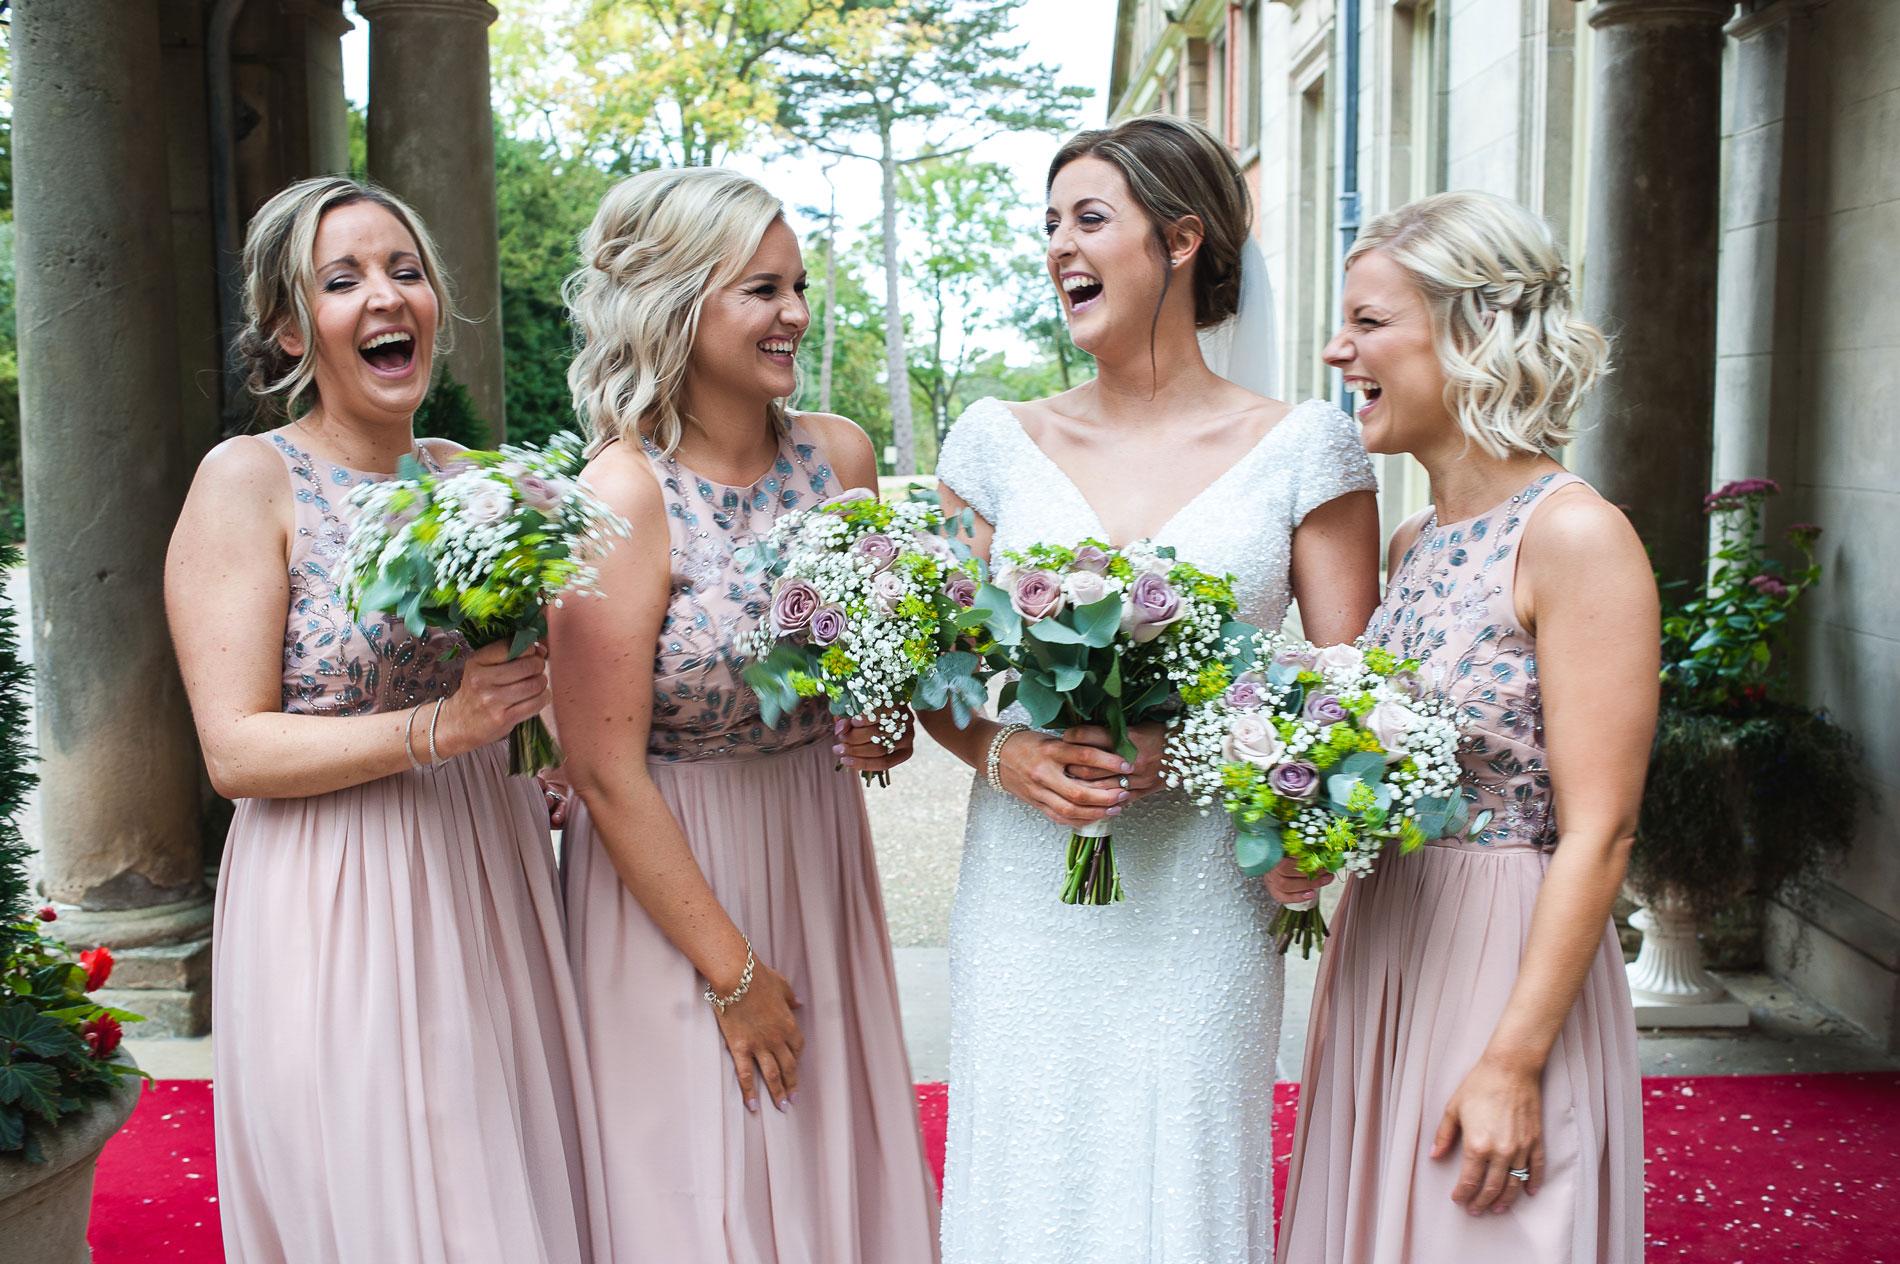 Kilworth-weddings-_45.jpg